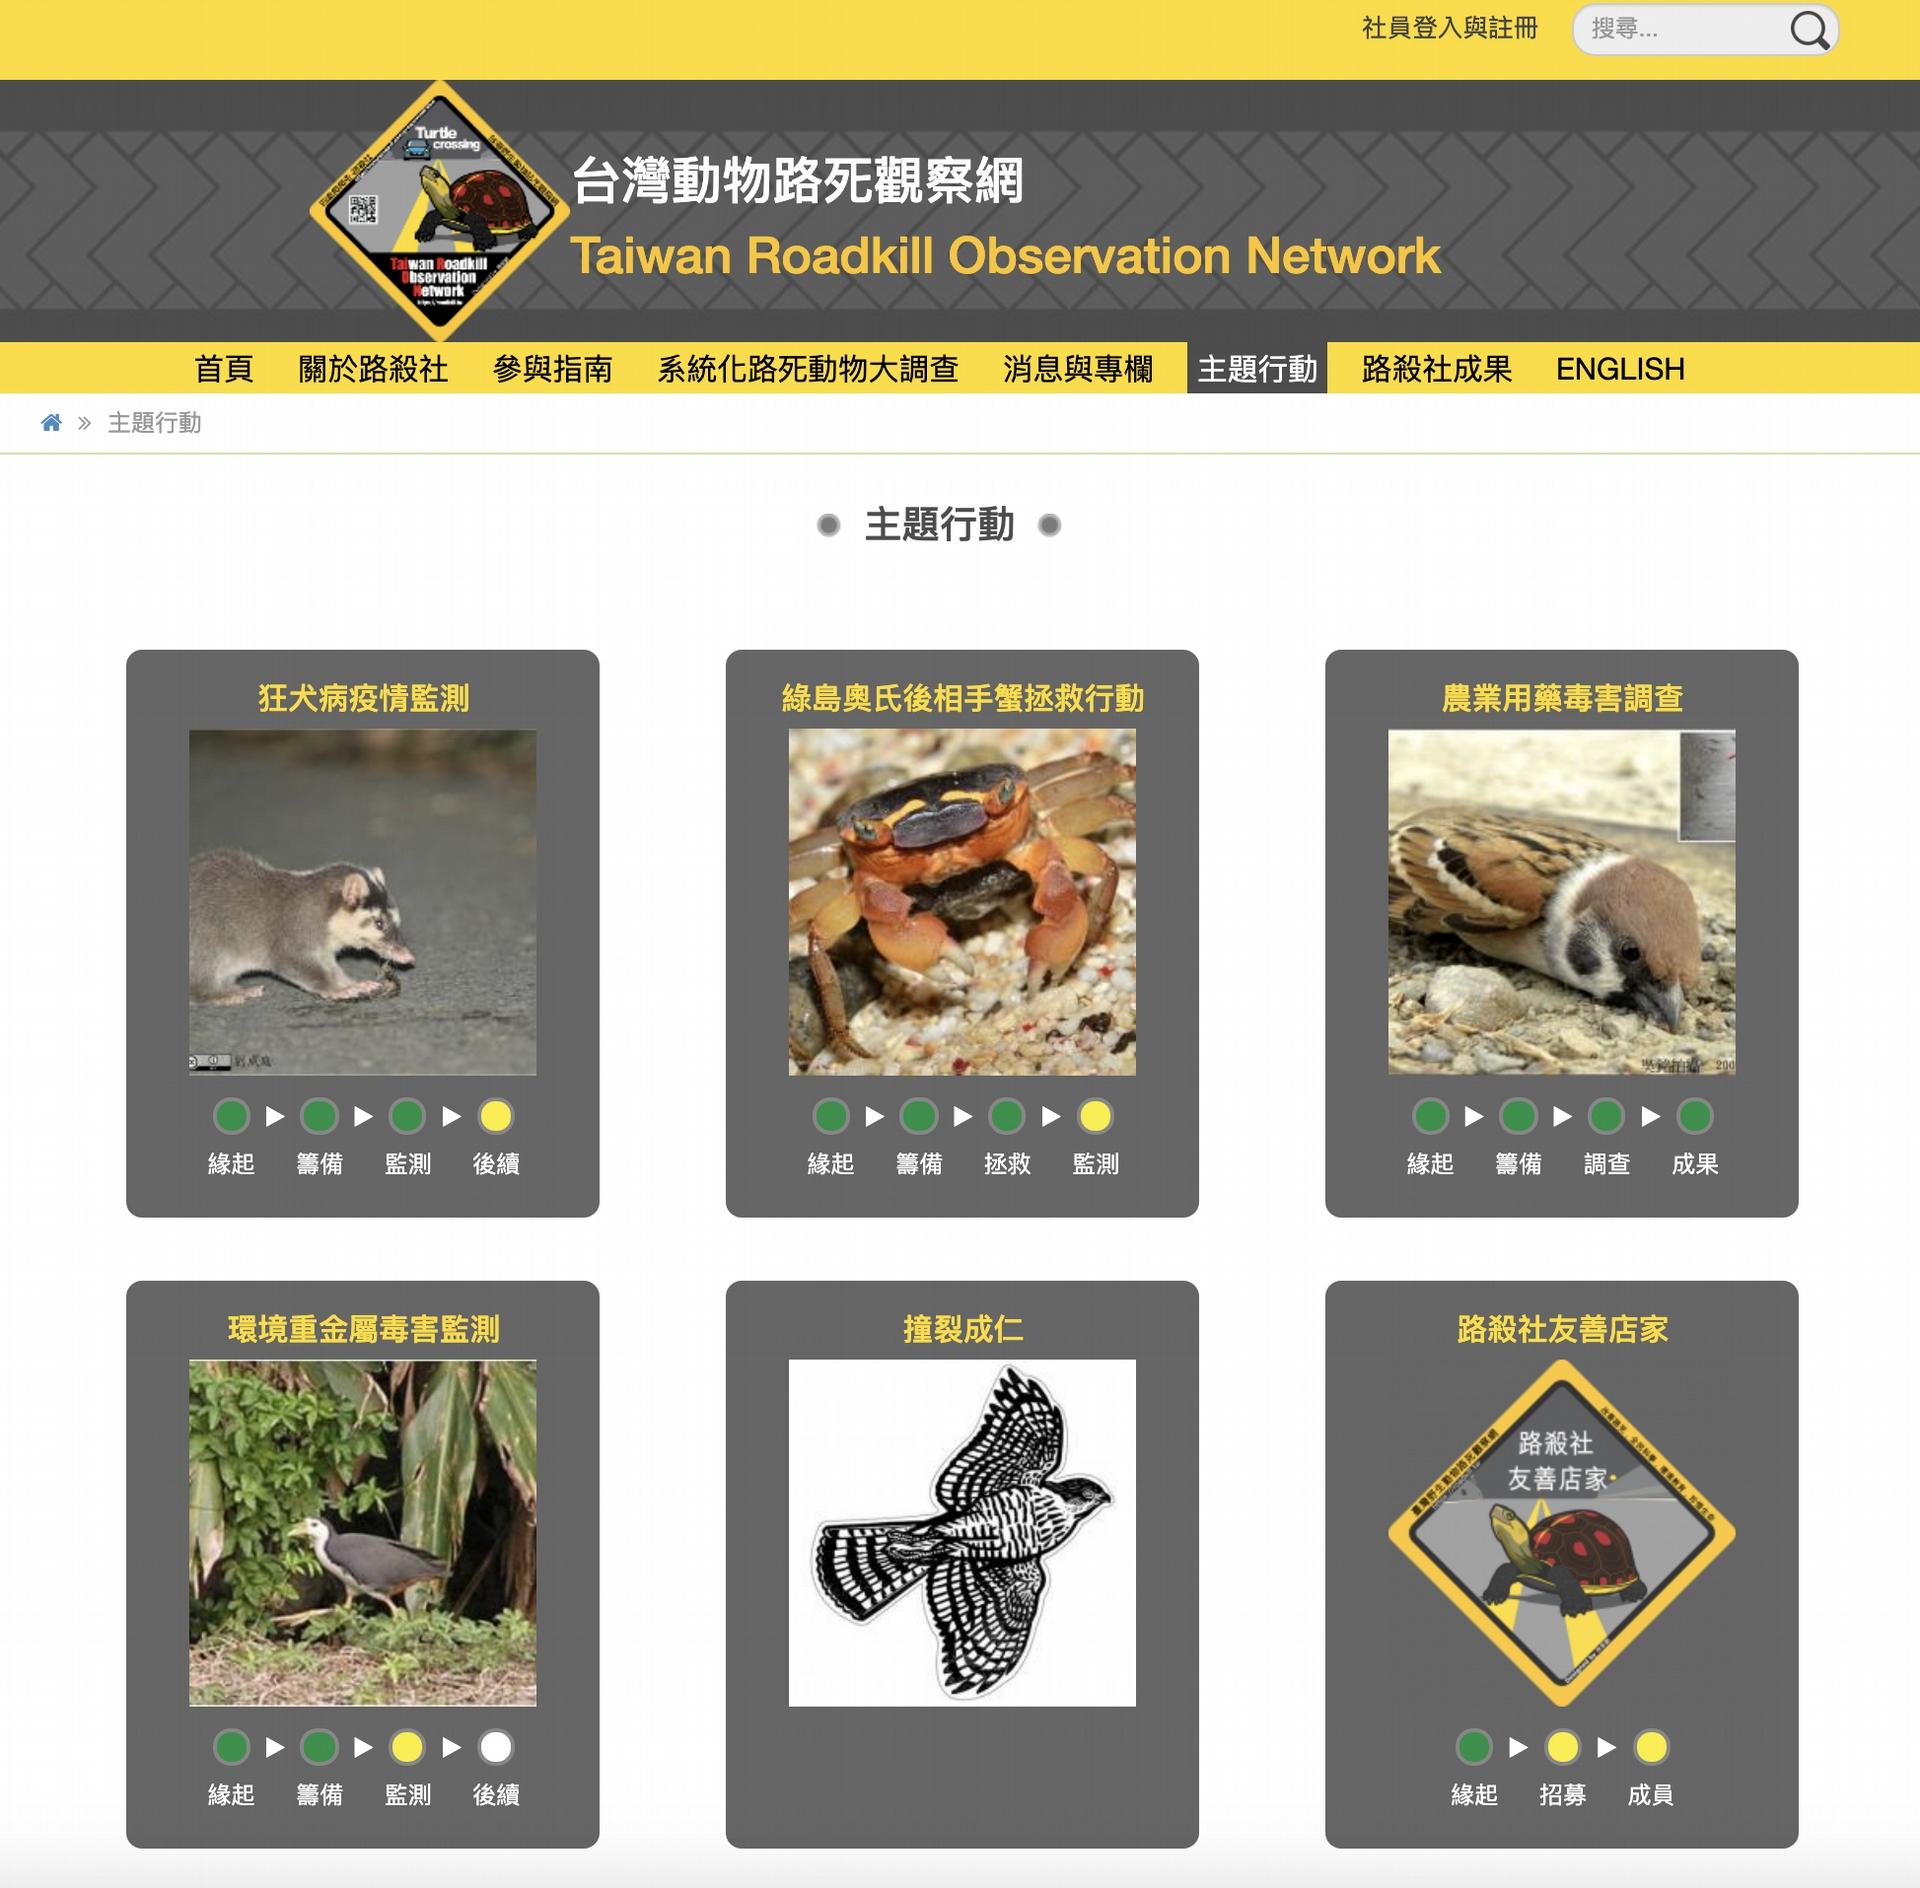 「台灣動物路死觀察網」 (Taiwan Roadkill Observation Network) 目前的功能與介面非常完整。特生中心與中研院資訊所的合作計畫進行了四年,在後期莊庭瑞做了決定,持續調整資料流程,但把網站製作與維護的工作委託給拾穗者文化的張藝鴻。如此一來,在合作計畫結束之後,仍能保障網站的經營維護與永續發展。圖片來源│台灣動物路死觀察網